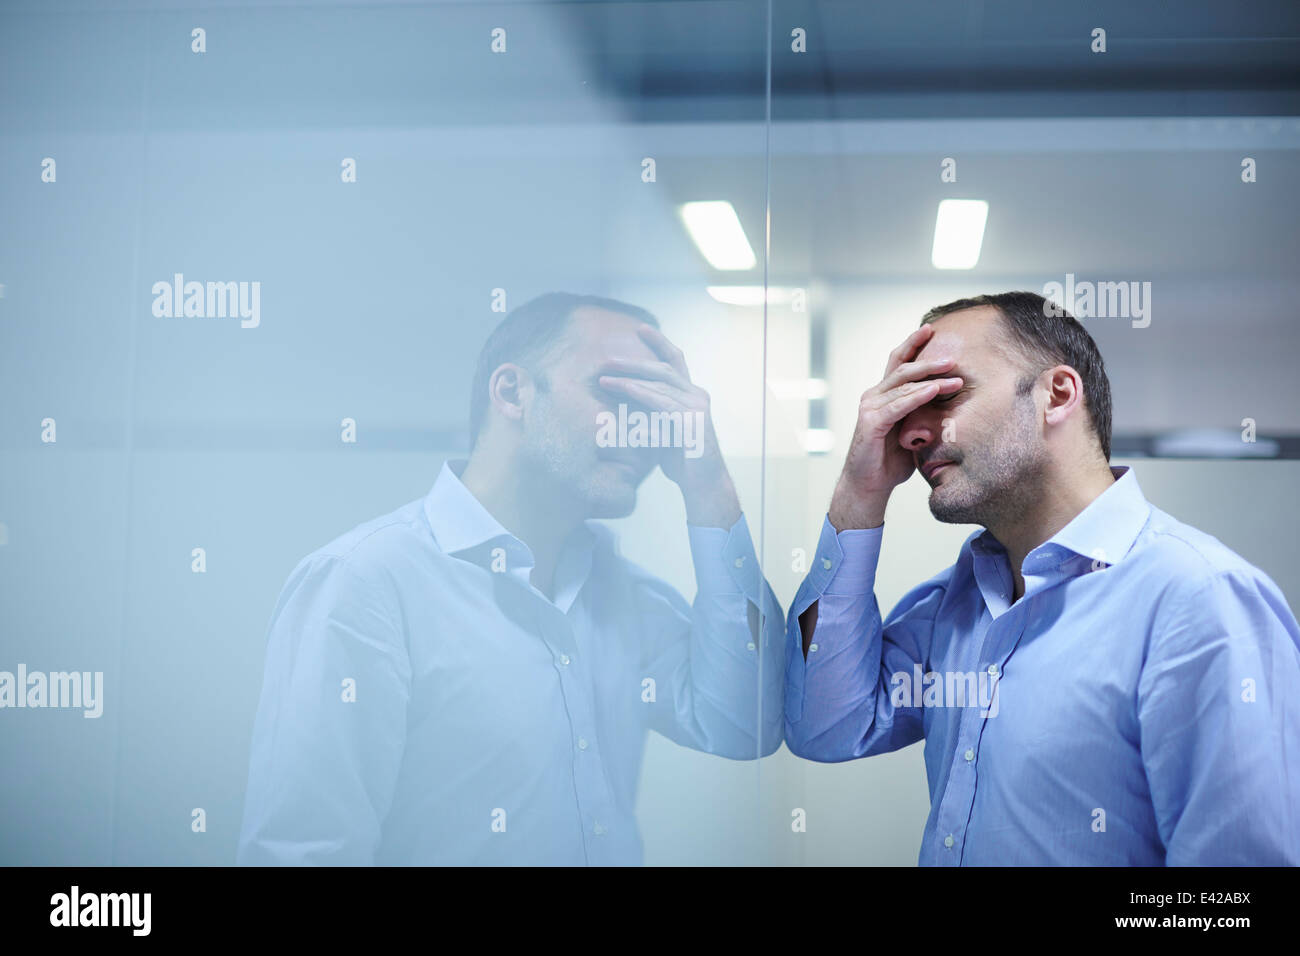 L'homme dans le désespoir face à la paroi réfléchissante Banque D'Images